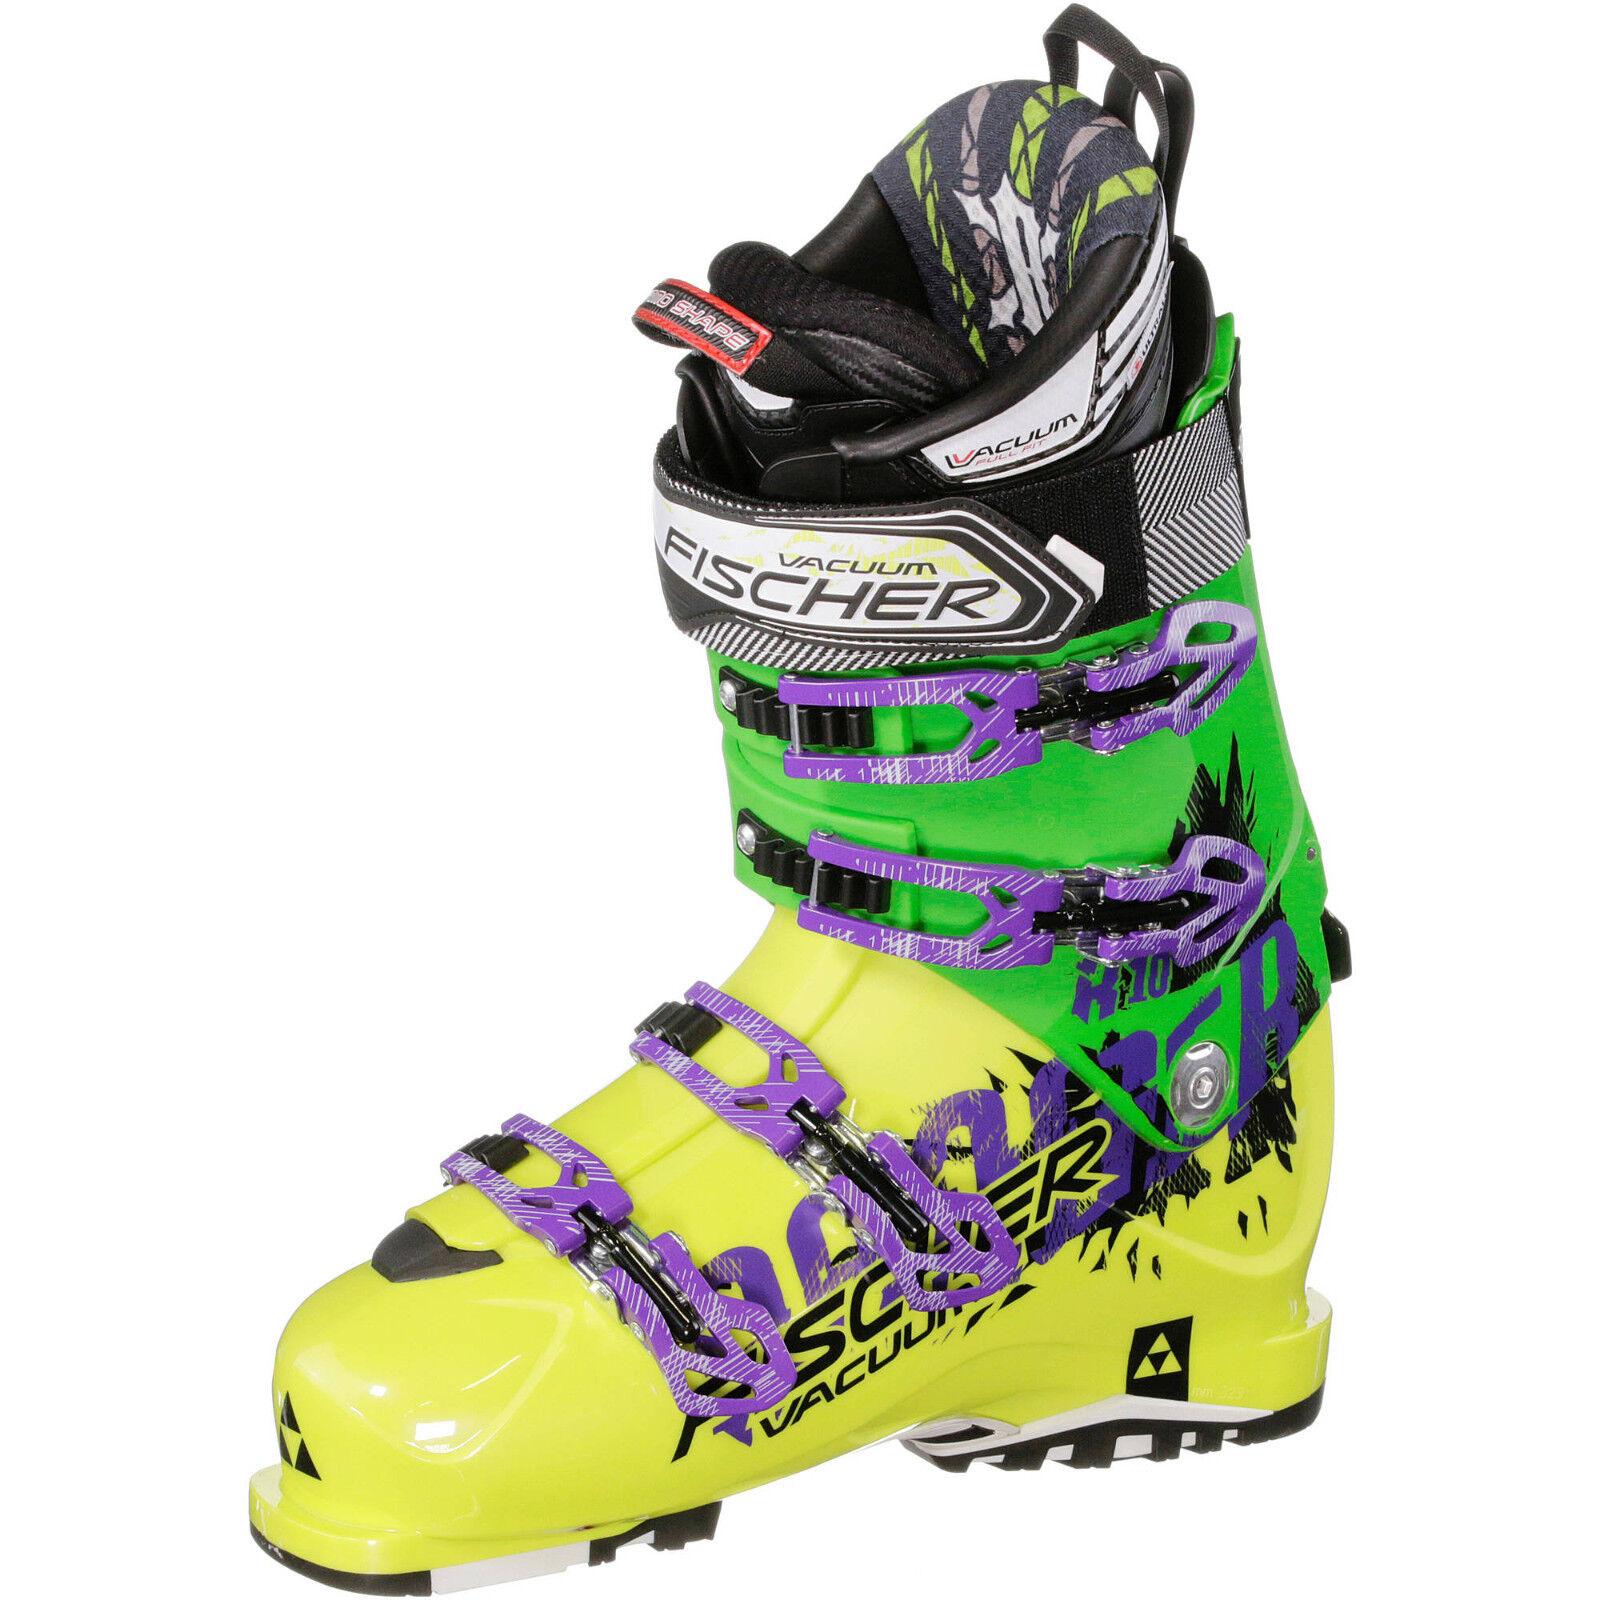 Fischer Ranger 10 Vacuum Freeride Skischuhe 38 24,5cm NEU Ski Boots Powder NEW